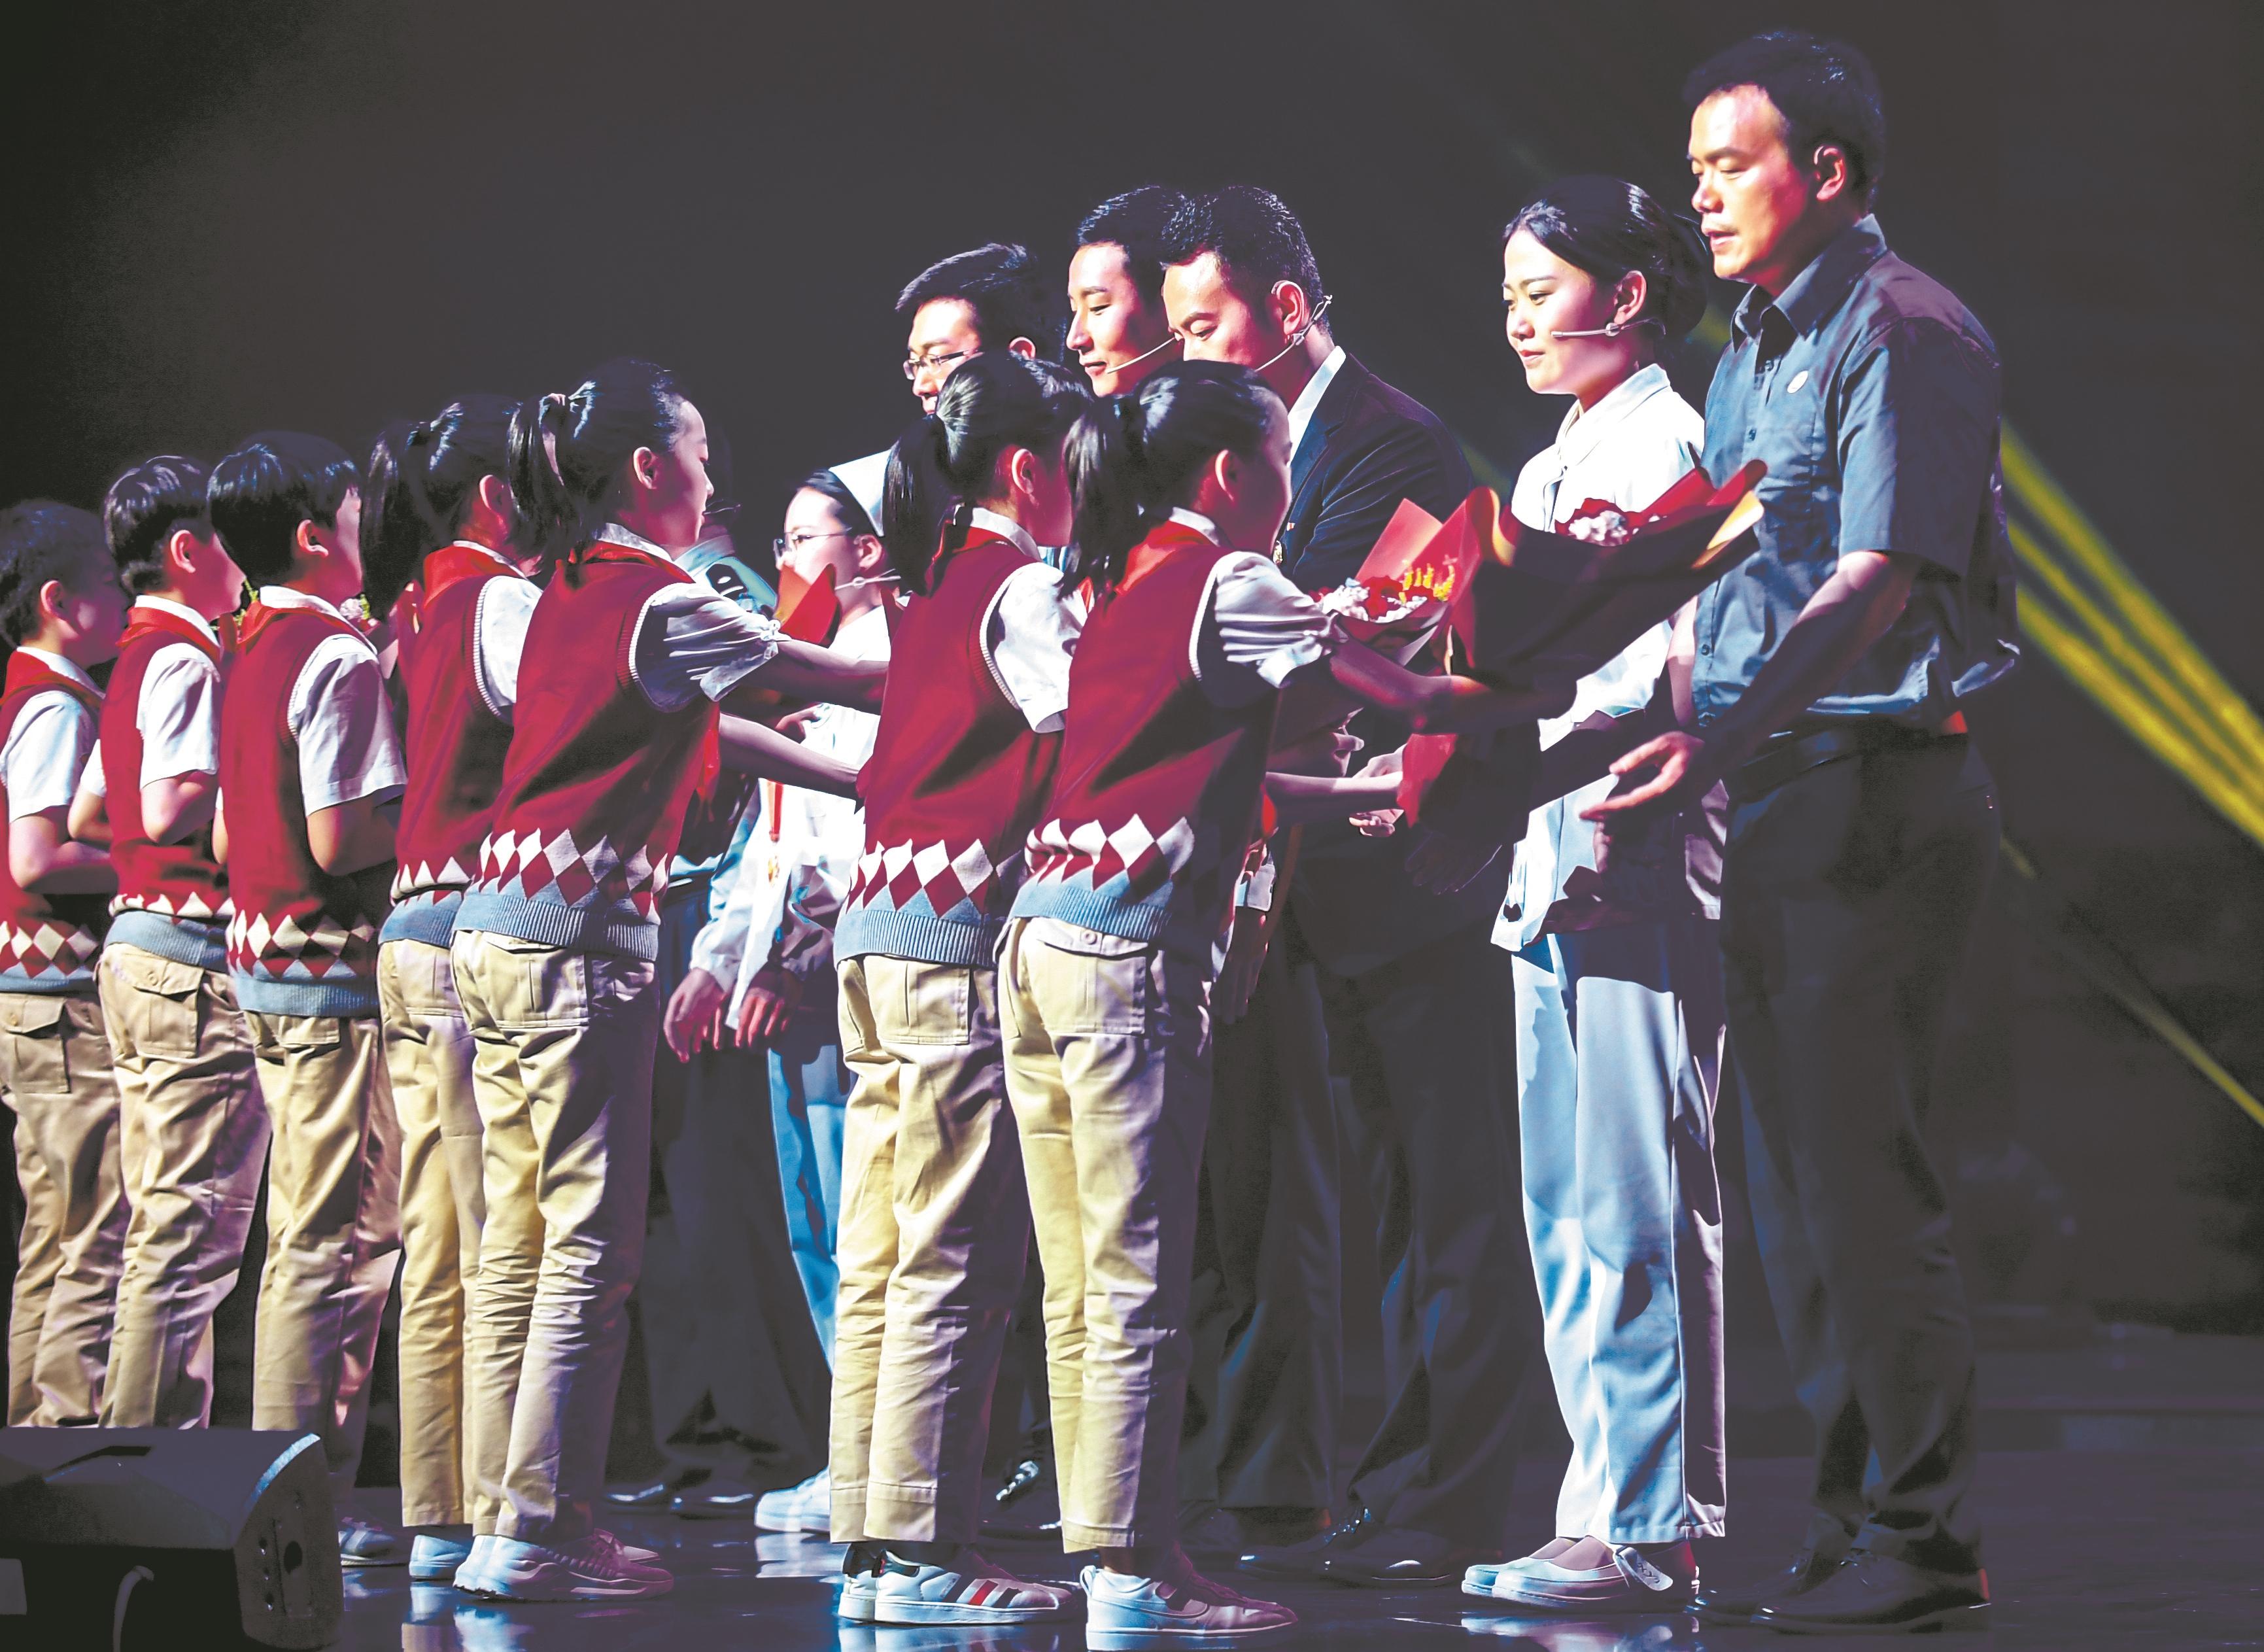 """北大援鄂护士重返江城 """"我们拼命守护的正是这样的武汉"""""""